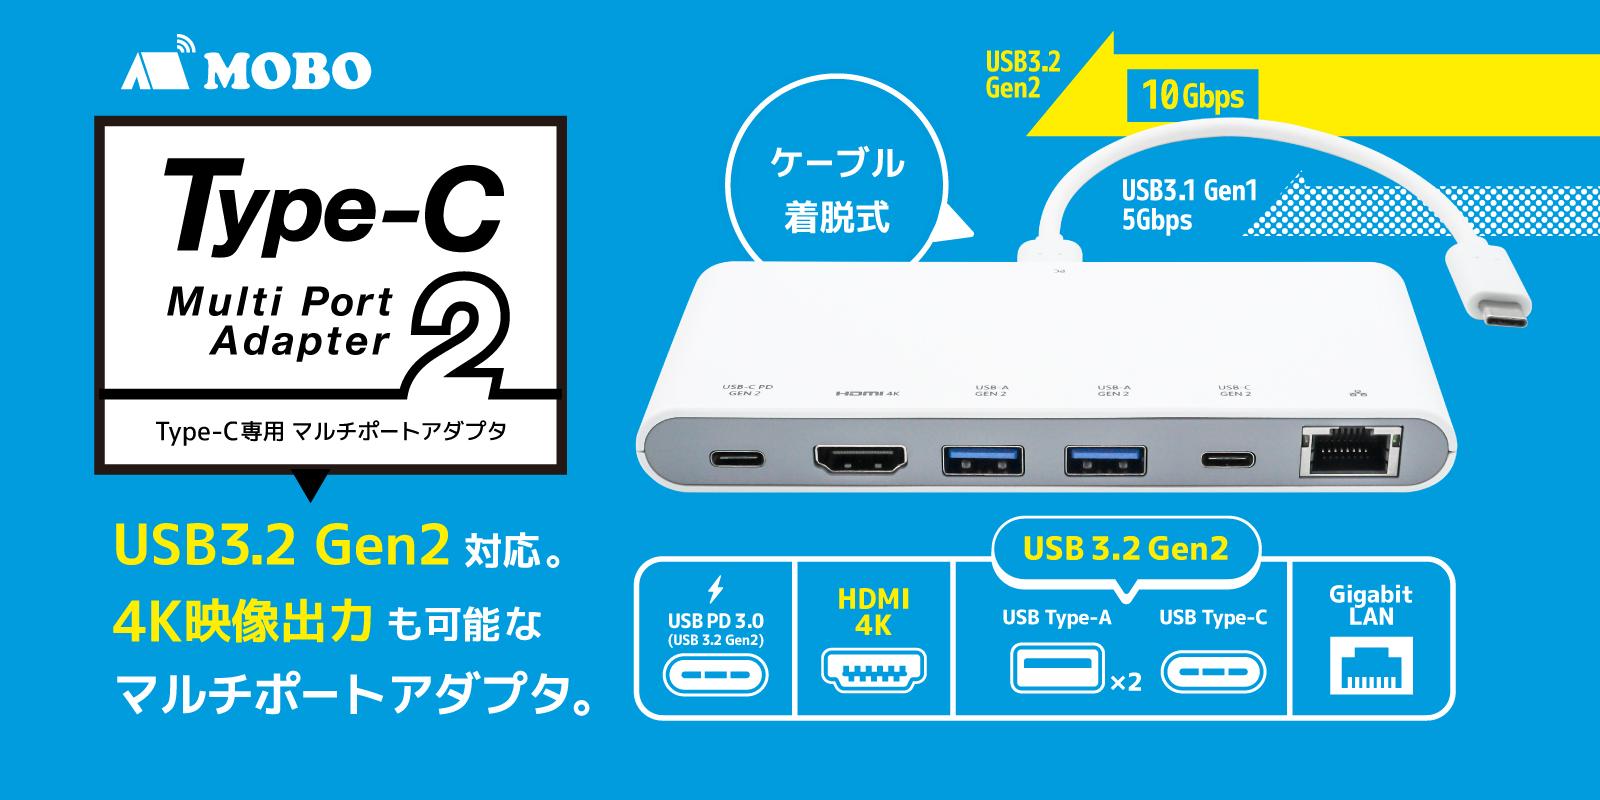 Type-C Multi Port Adapter2